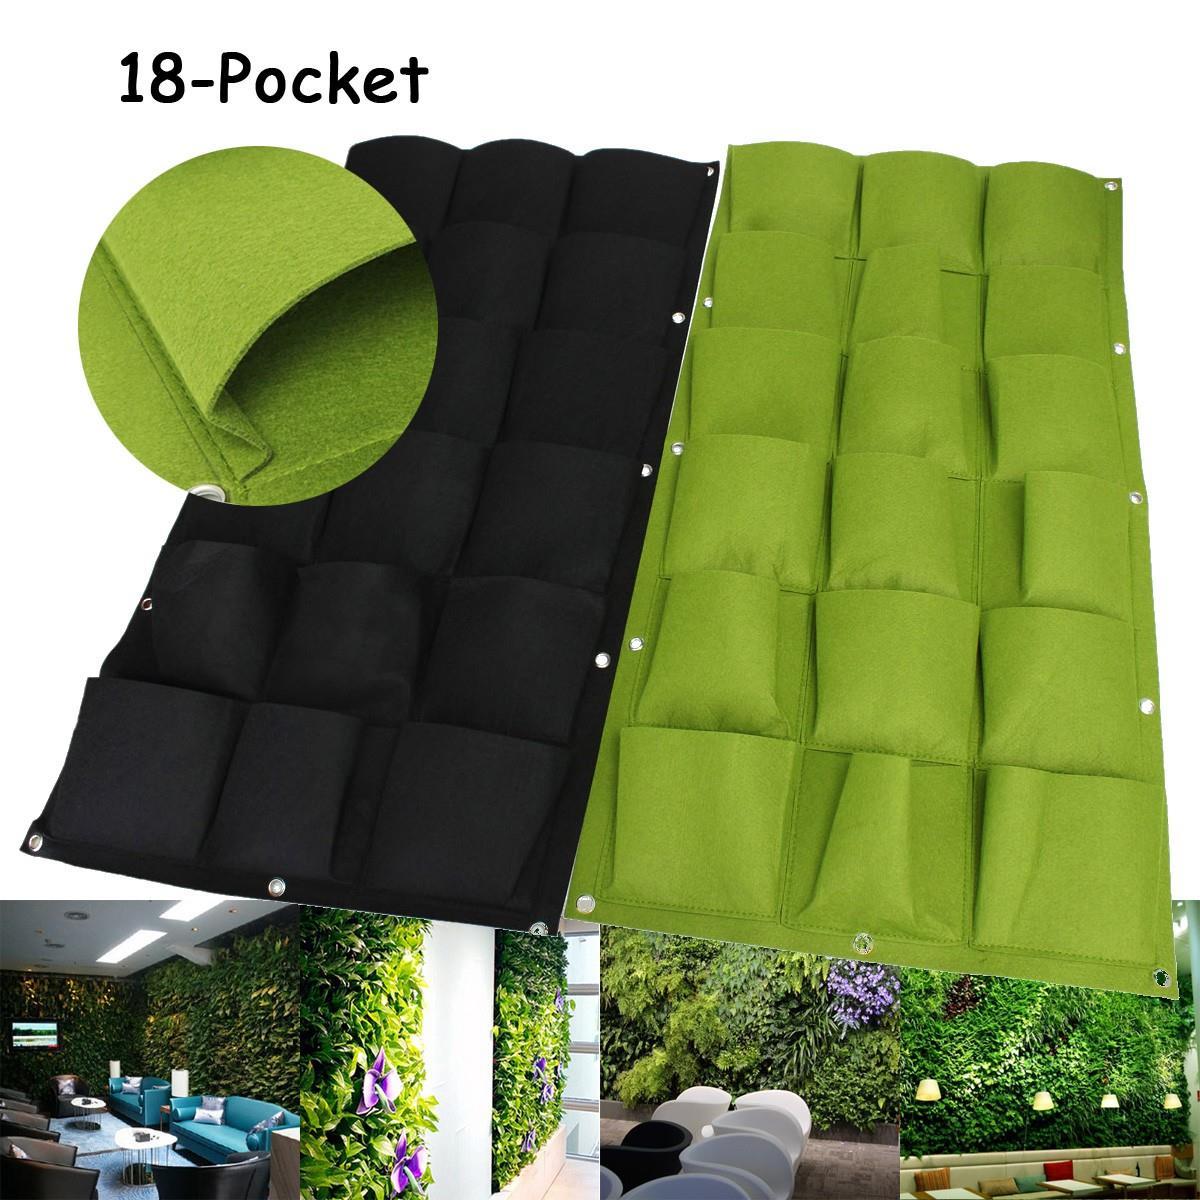 18 poches jardin grandir sacs pour mur vertical plantes fleur suspendus estimé planteur sacs pour jardin